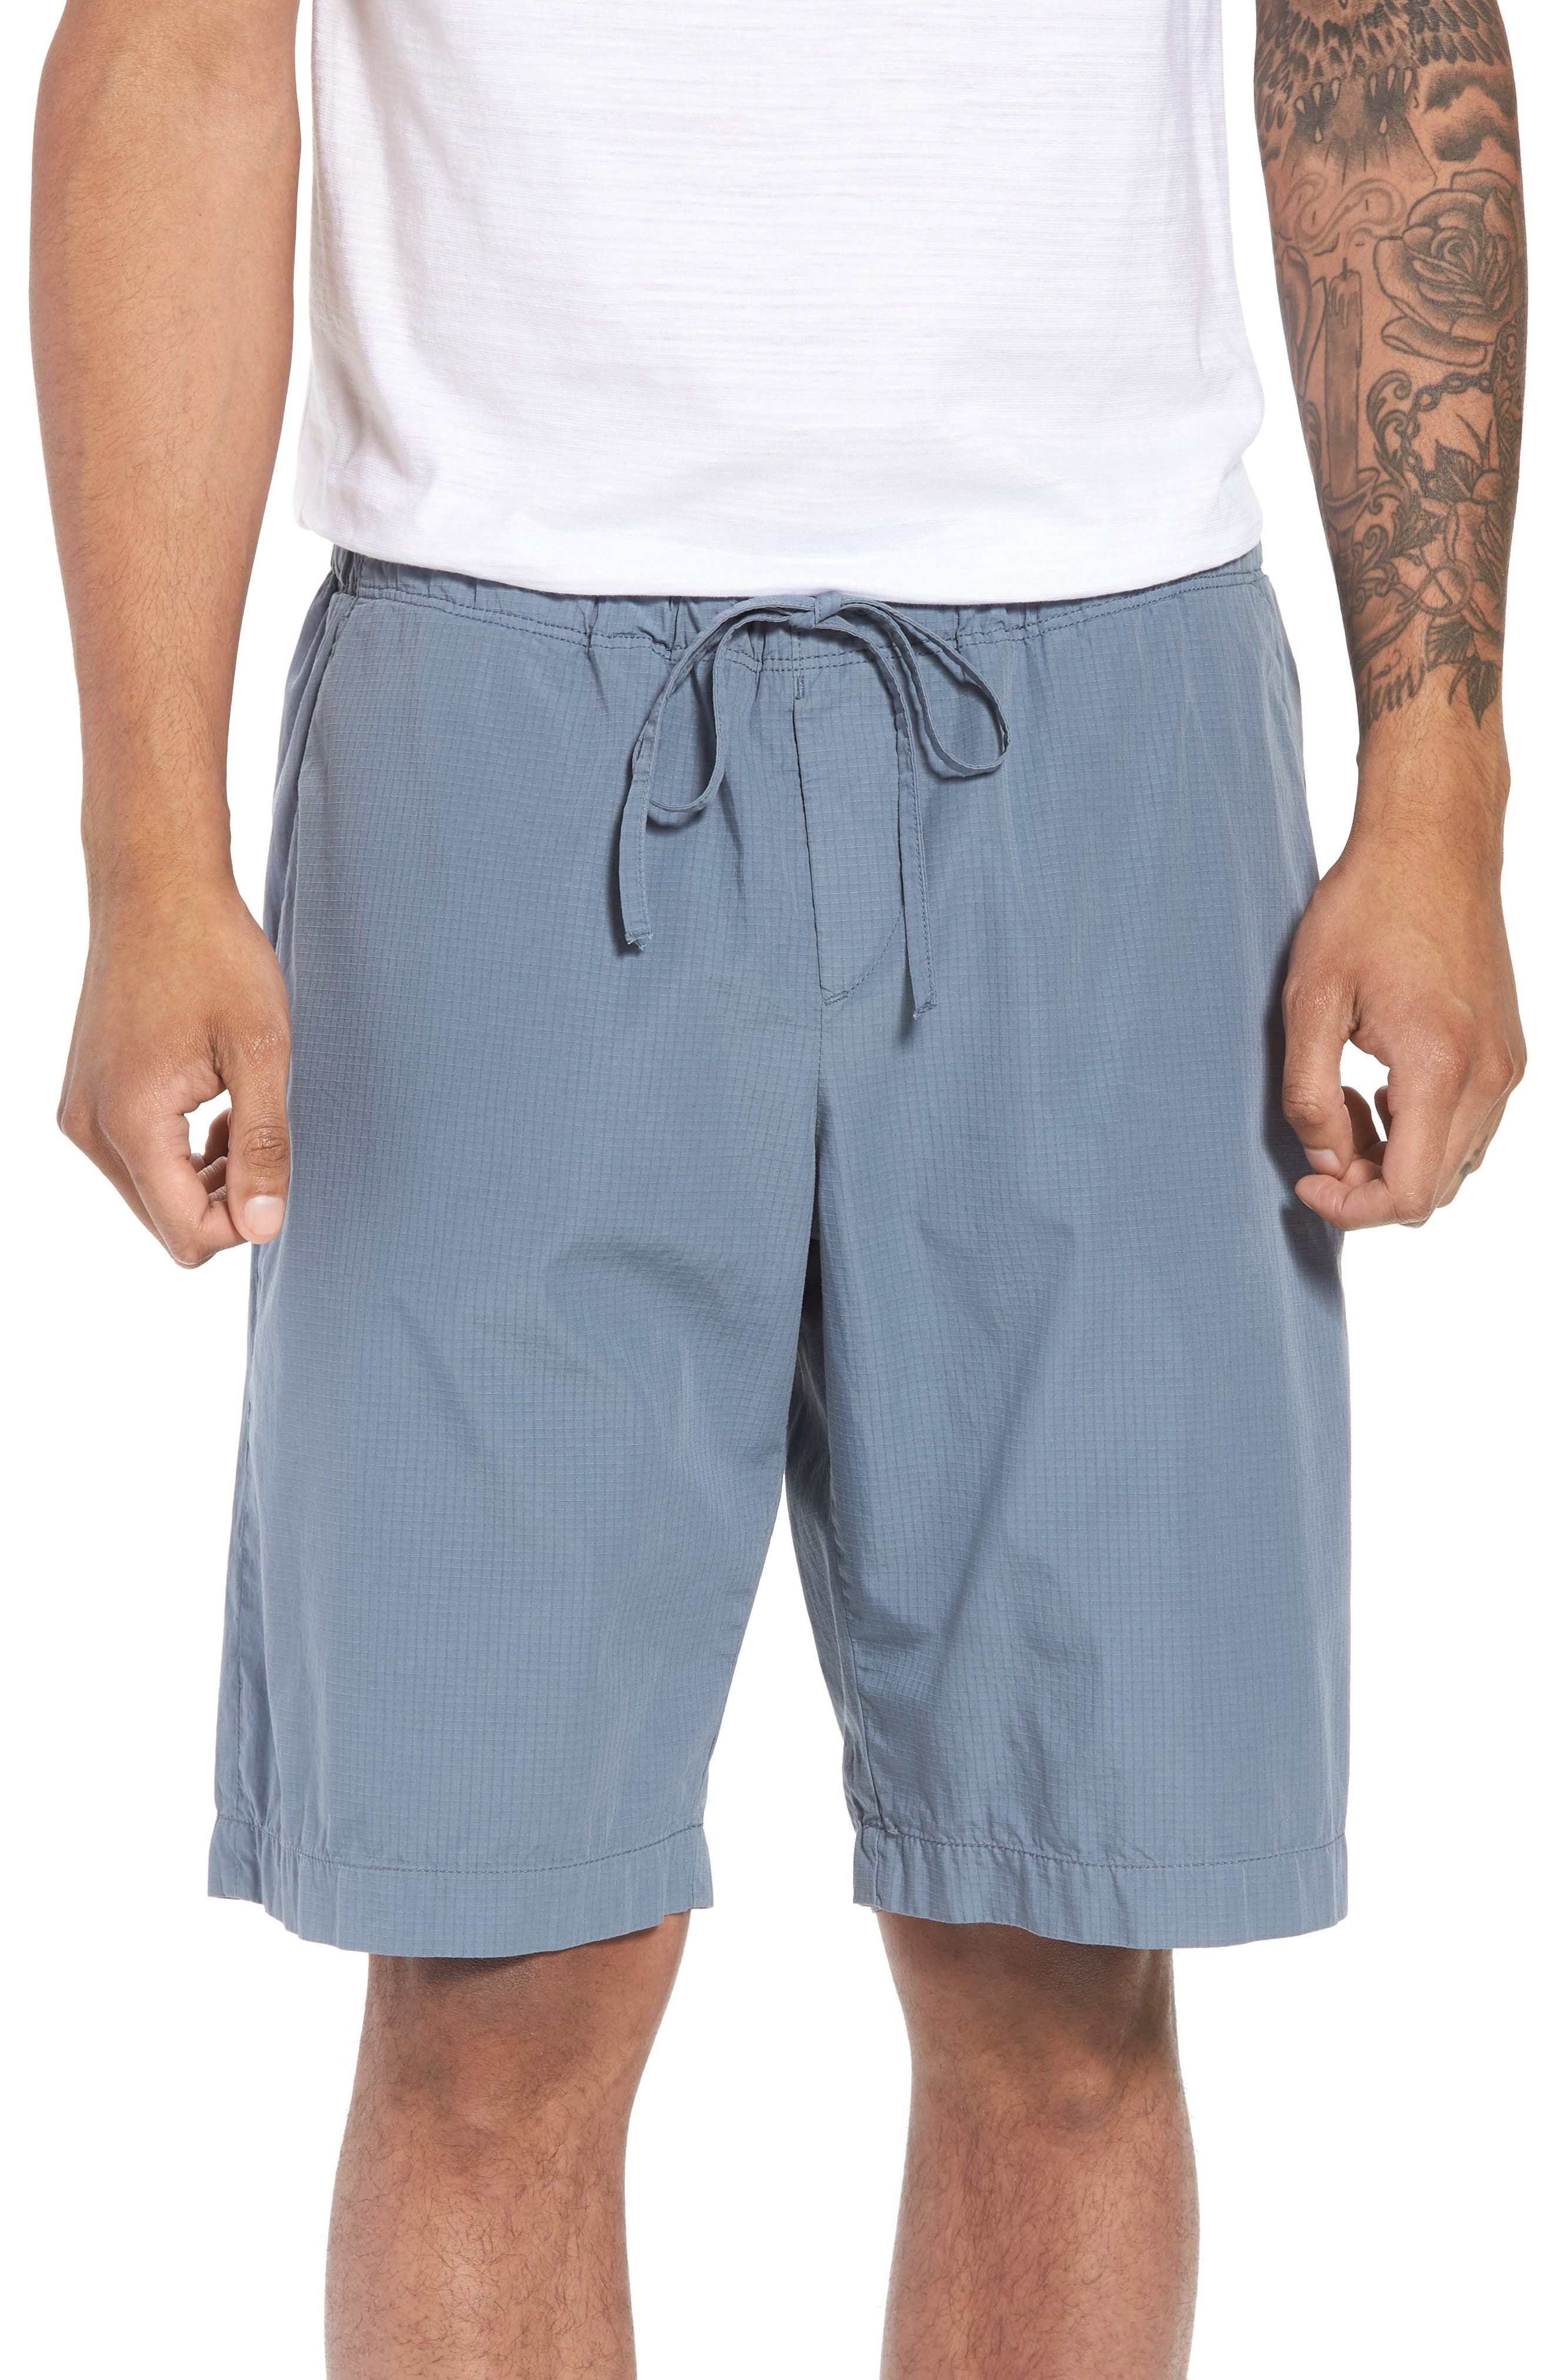 Passeo Cotton Shorts,                             Main thumbnail 1, color,                             GREY